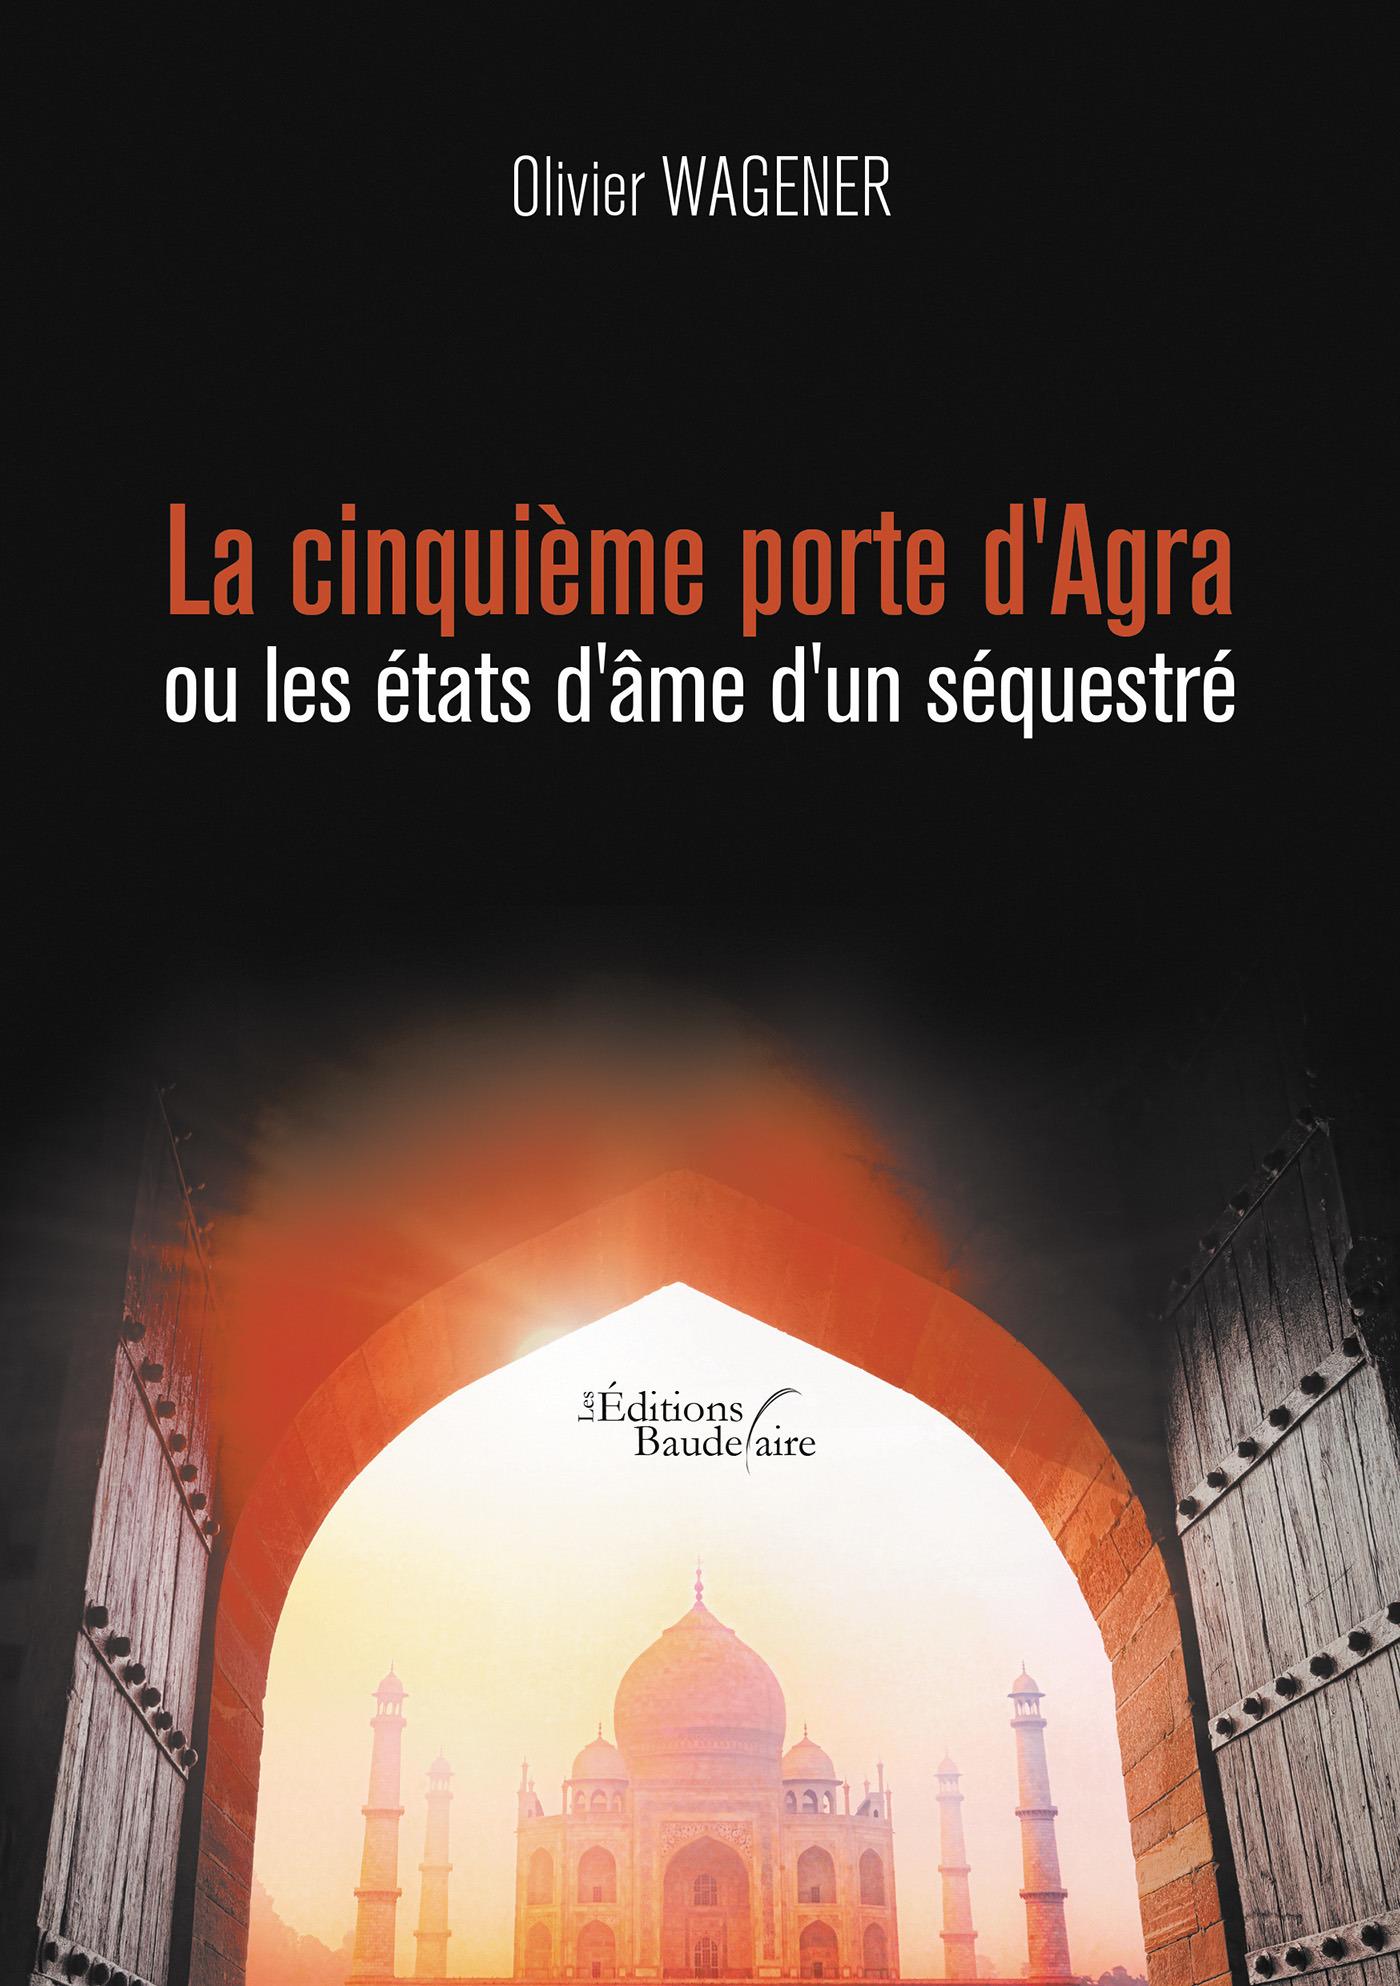 La cinquième porte d'Agra ou les états d'âme d'un séquestré  - Olivier Wagener